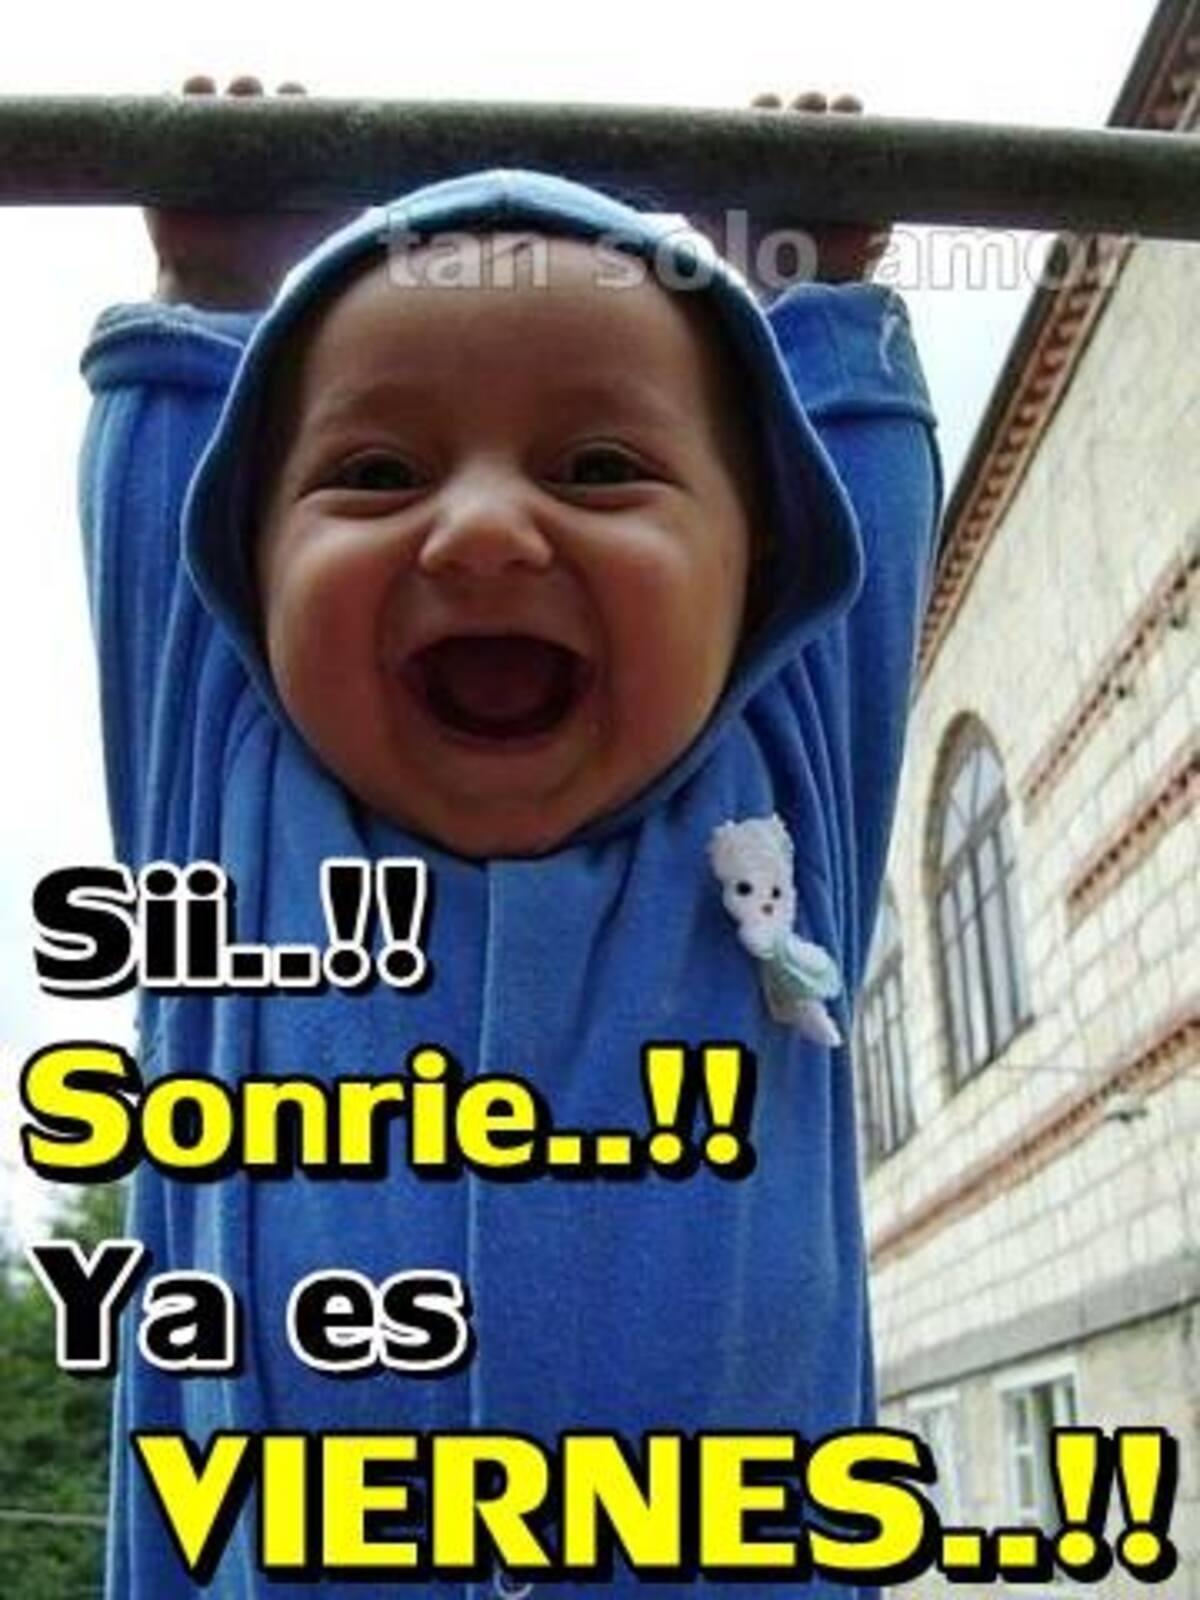 Sii!!! sonrie..!! ya es viernes